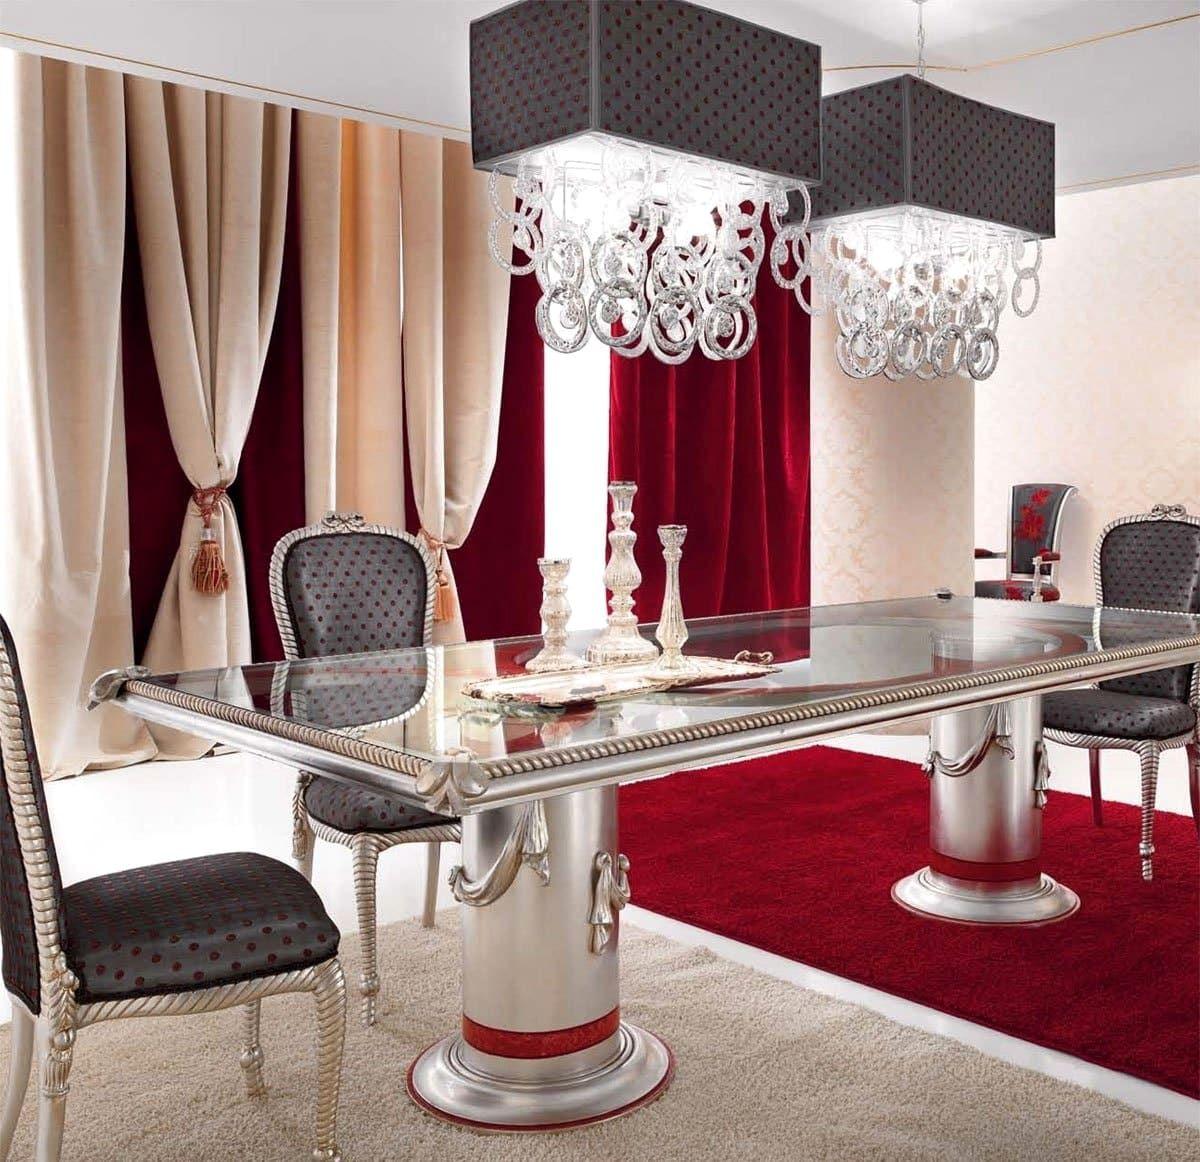 Гостиная в стиле арт-деко: особенности оформления интерьера комнаты, фото